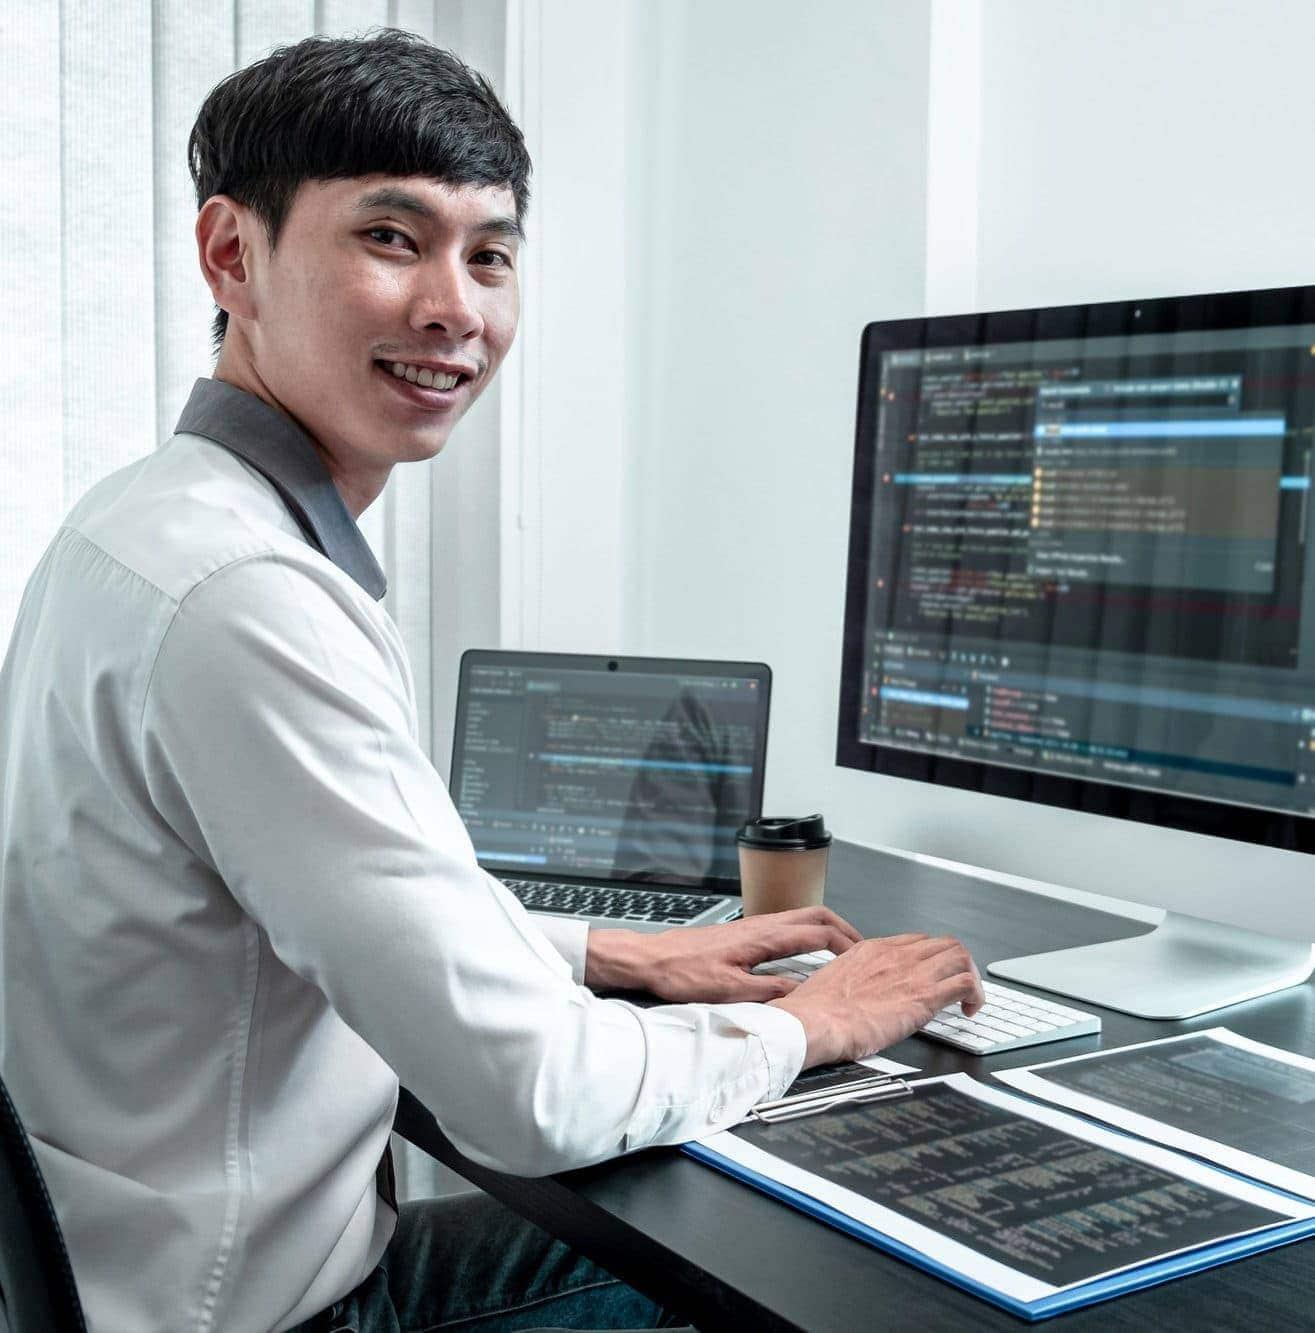 Webseitenerstellung lächelnder asiatischer Programmierer